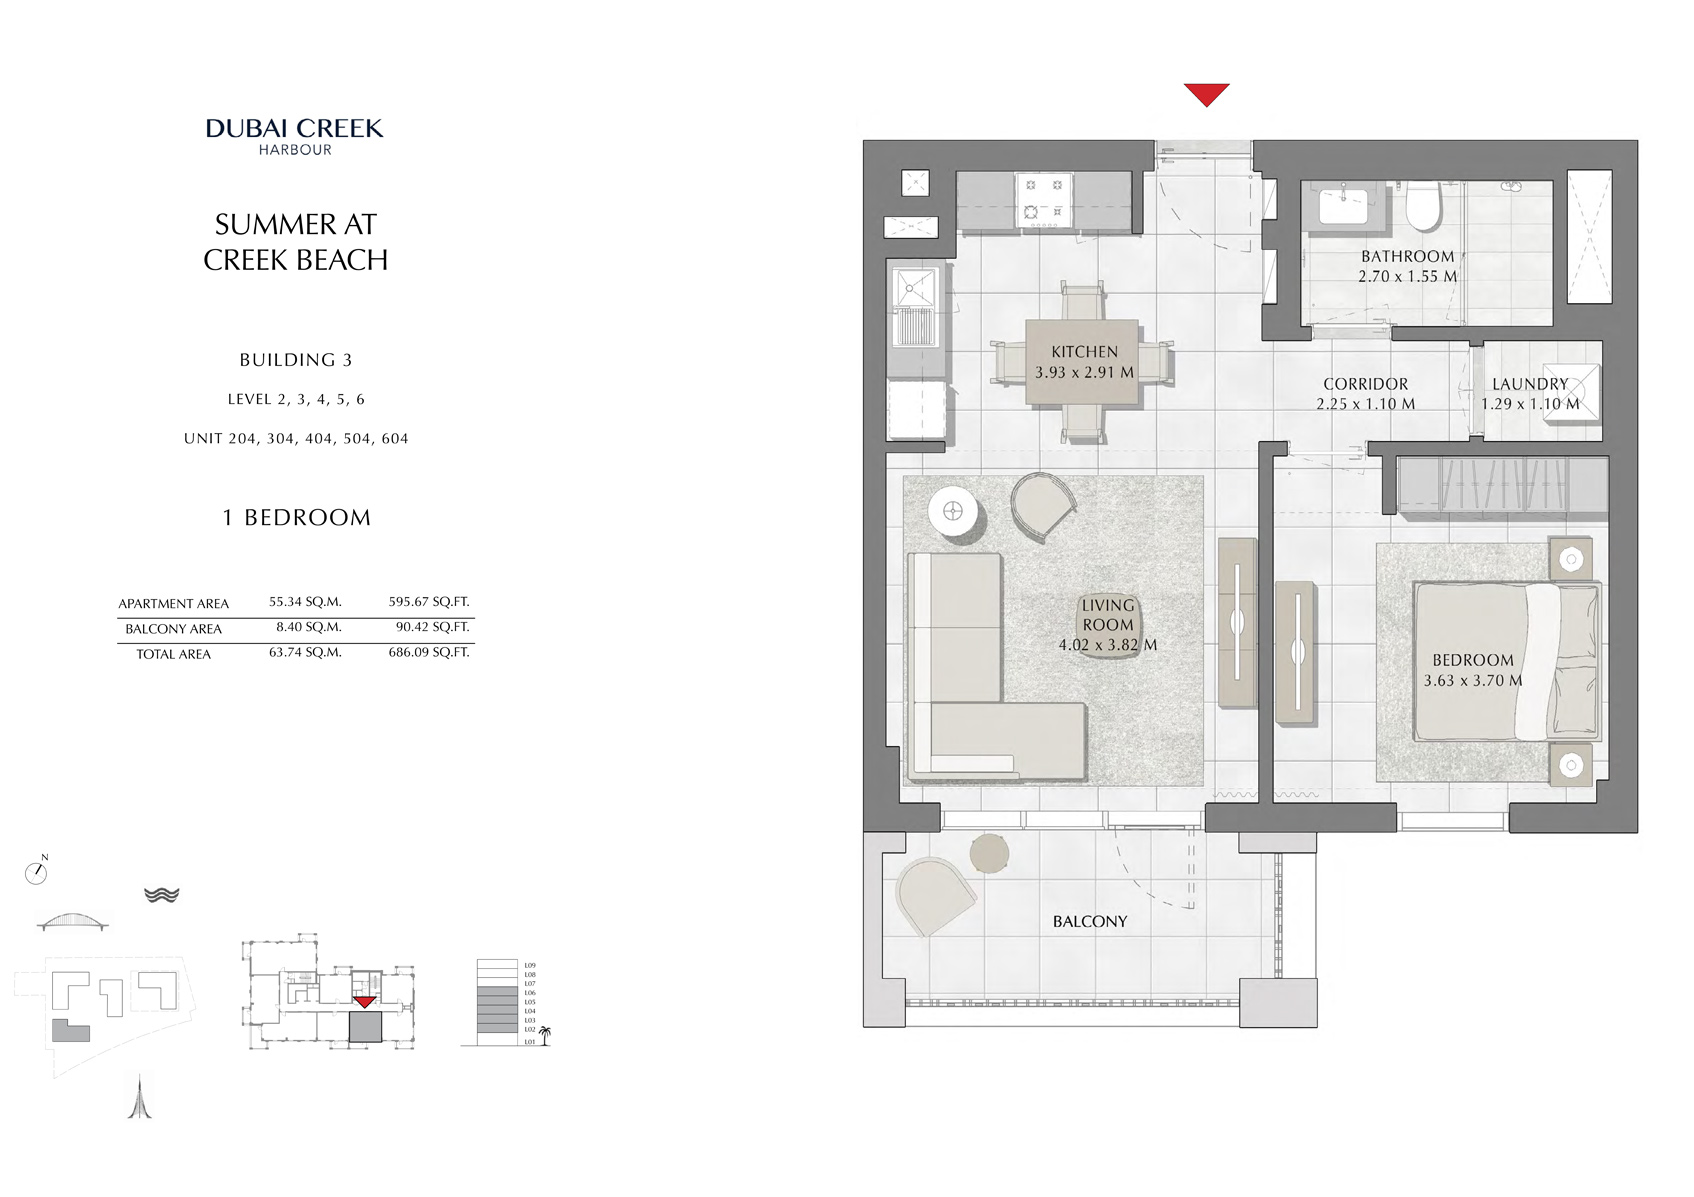 1 Br Building 3 Level-2-3-4-5-6 Unit-204-304-404-504-604, Size 686 Sq Ft